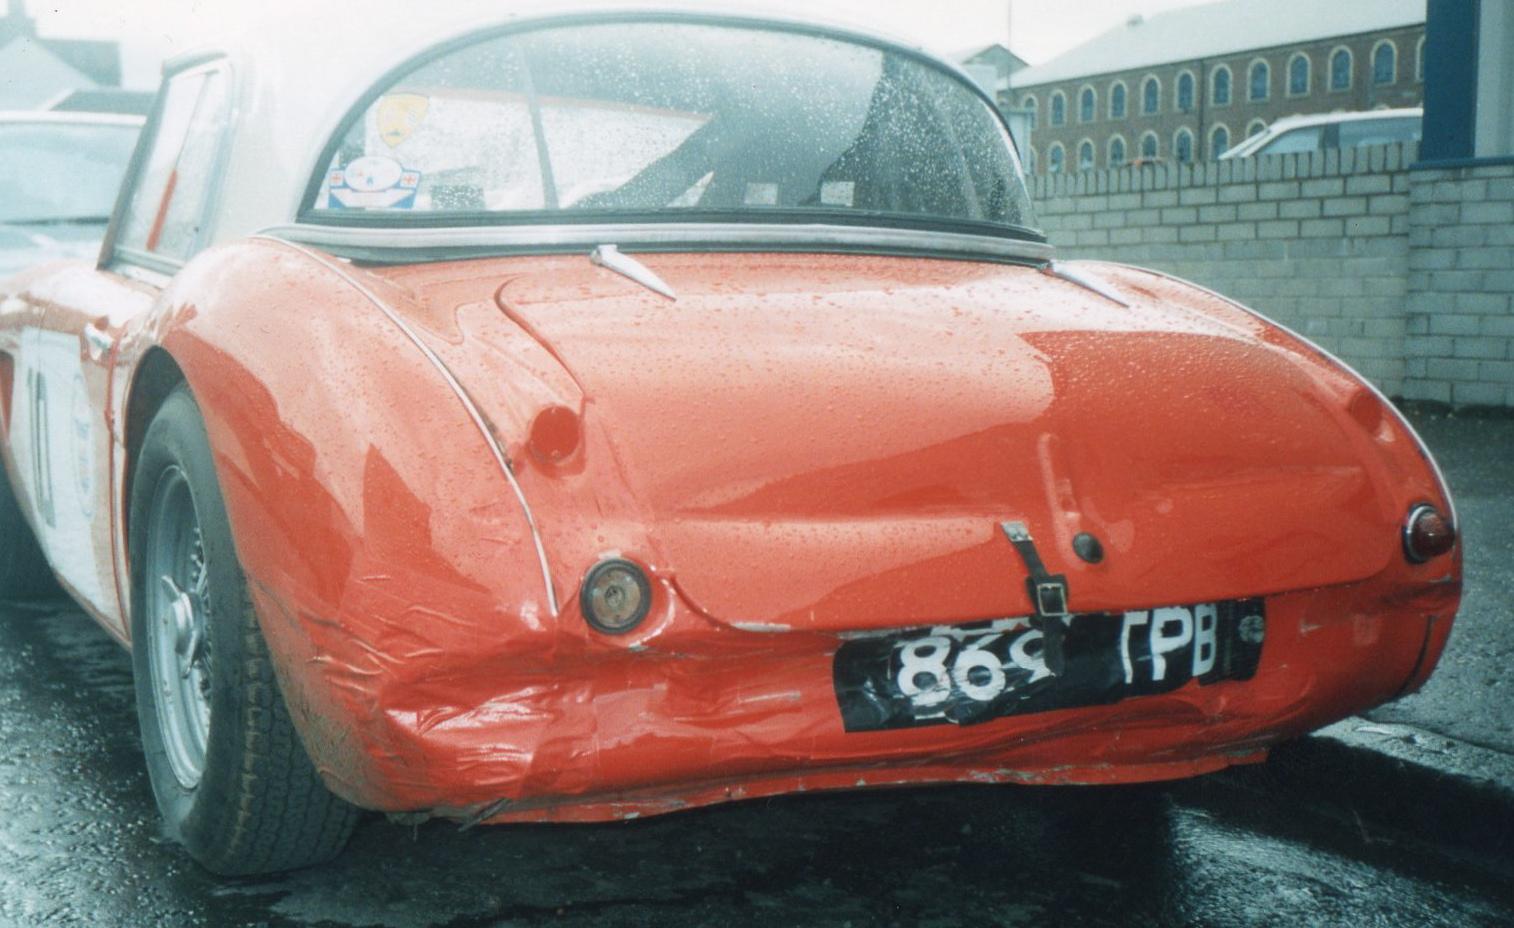 869 TPB aa rear damaged